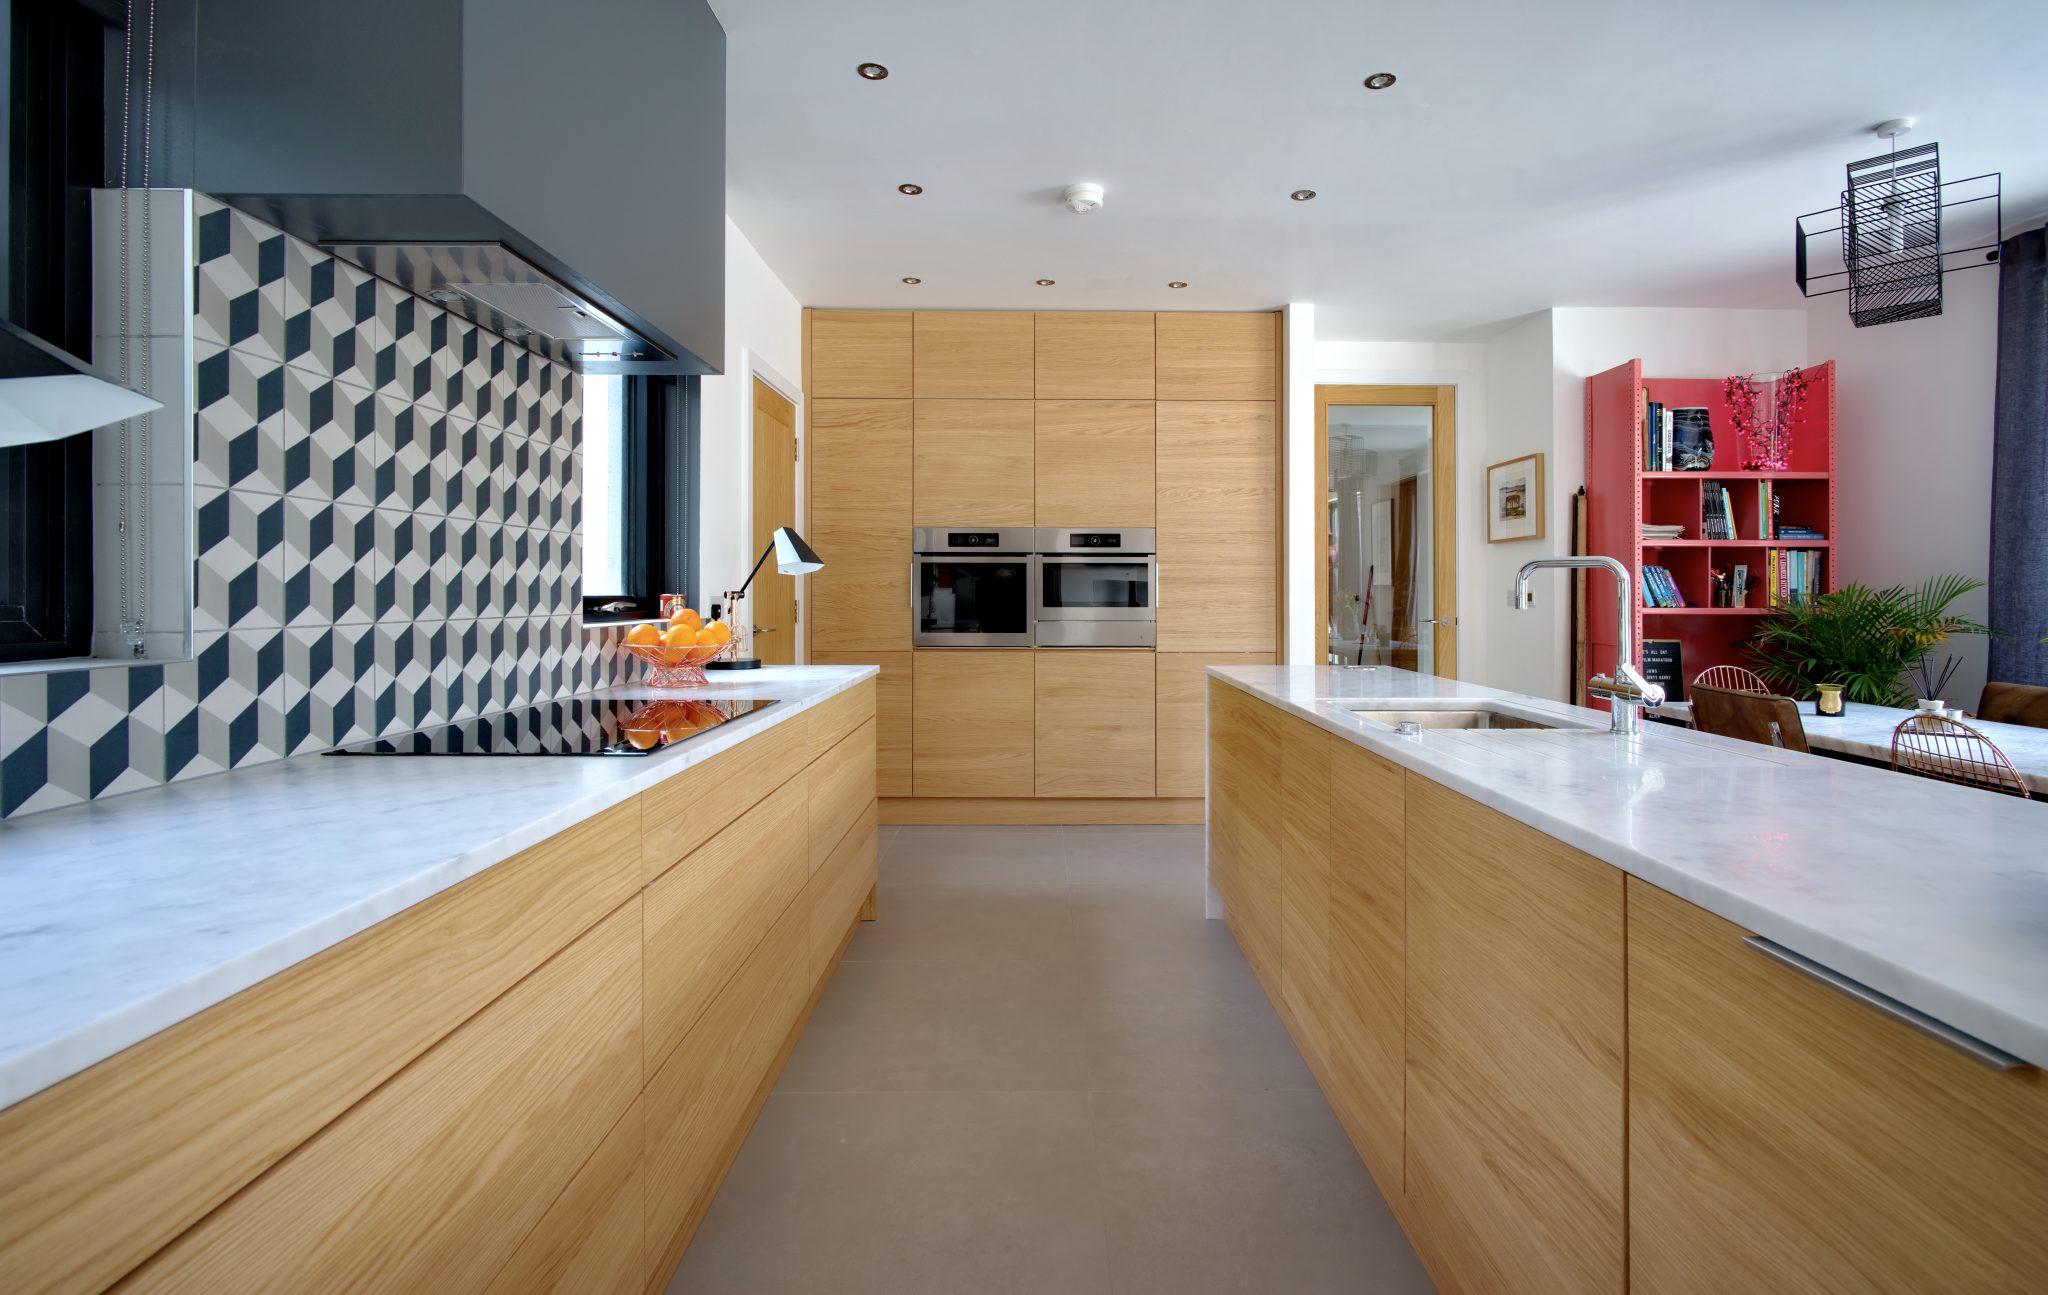 Adornas Kitchens-Kitchens Bangor-Kitchens Belfast-Kitchen showrooms bangor-Modern Kitchens-German Kitchens-©AdornasKitchens2017